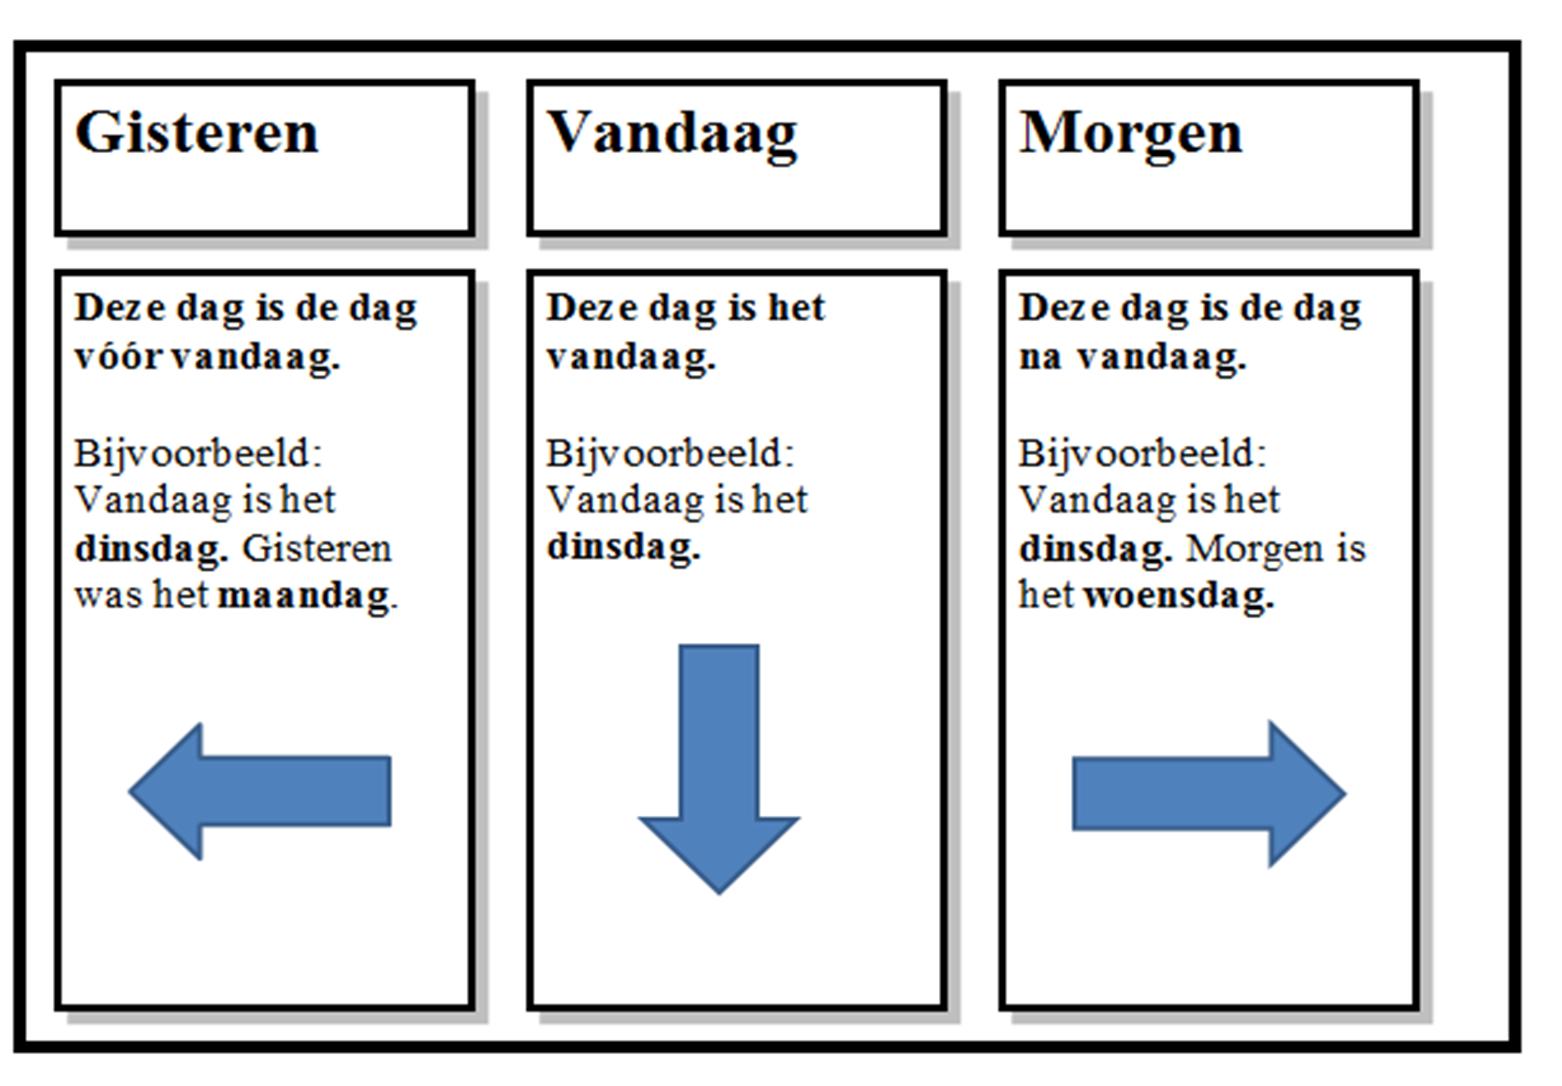 Pin Van Renee De Rijke Op Mwidw Gr 4 Th 4 Taal Actief